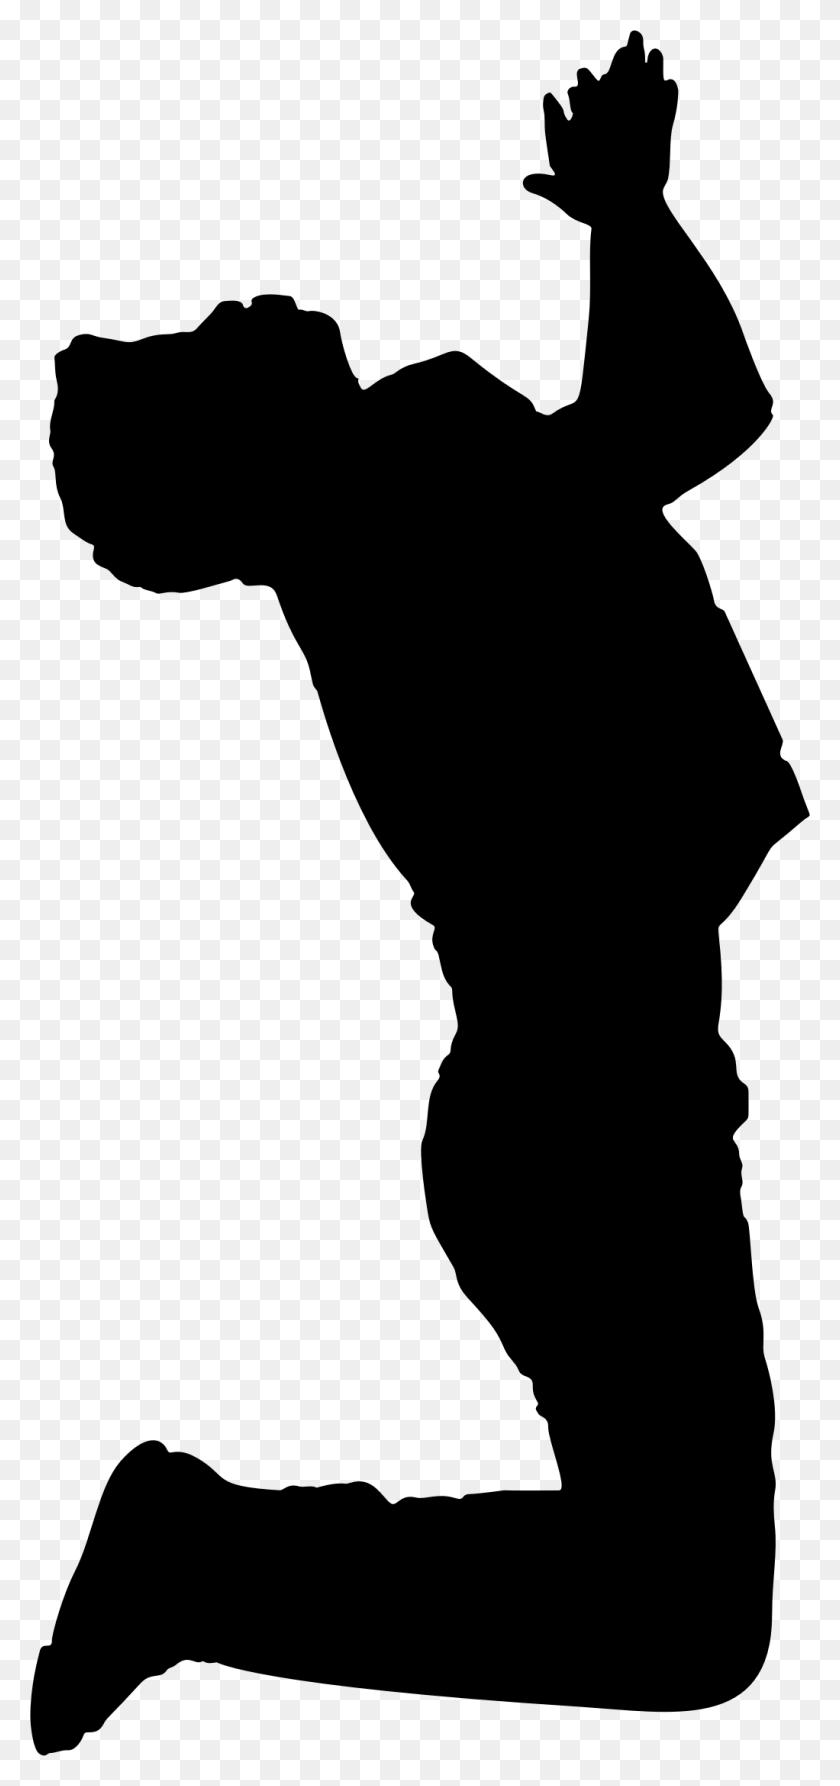 Man Praying Silhouette Clip Art - Man Praying Clipart